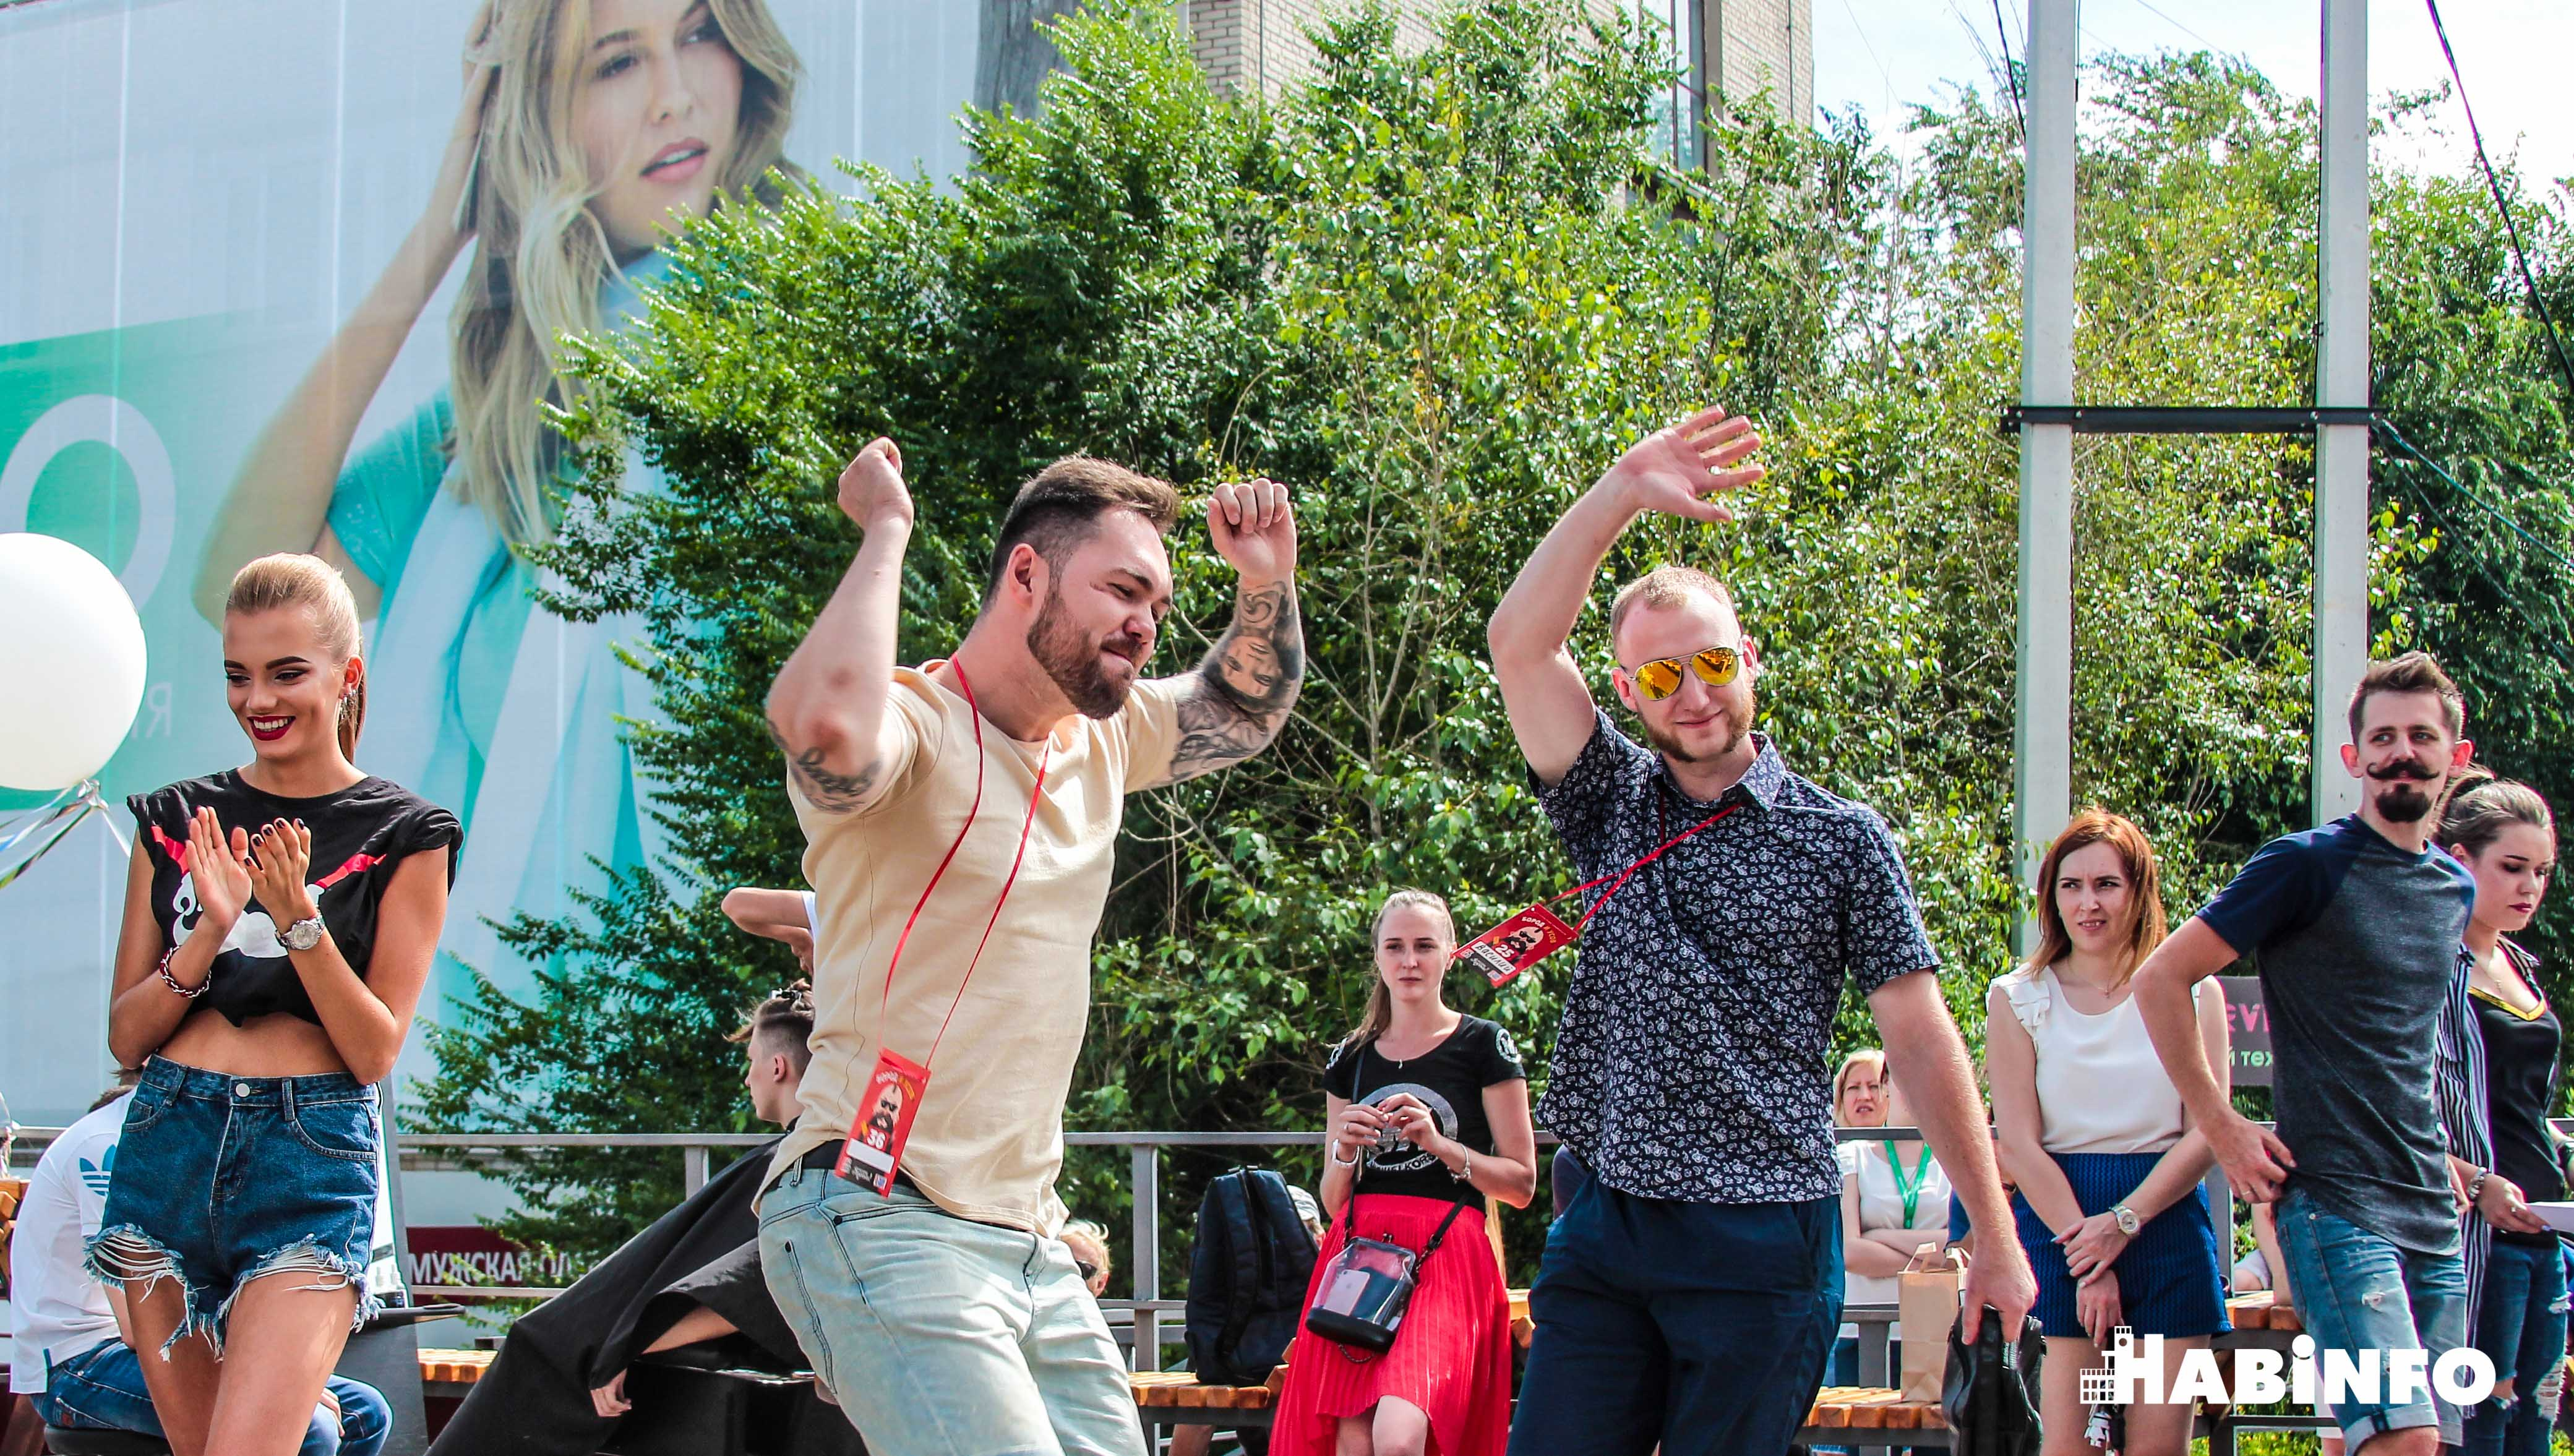 Пес Роберт и арабский шейх: лучших бородачей выбрали в Хабаровске (ФОТОРЕПОРТАЖ)